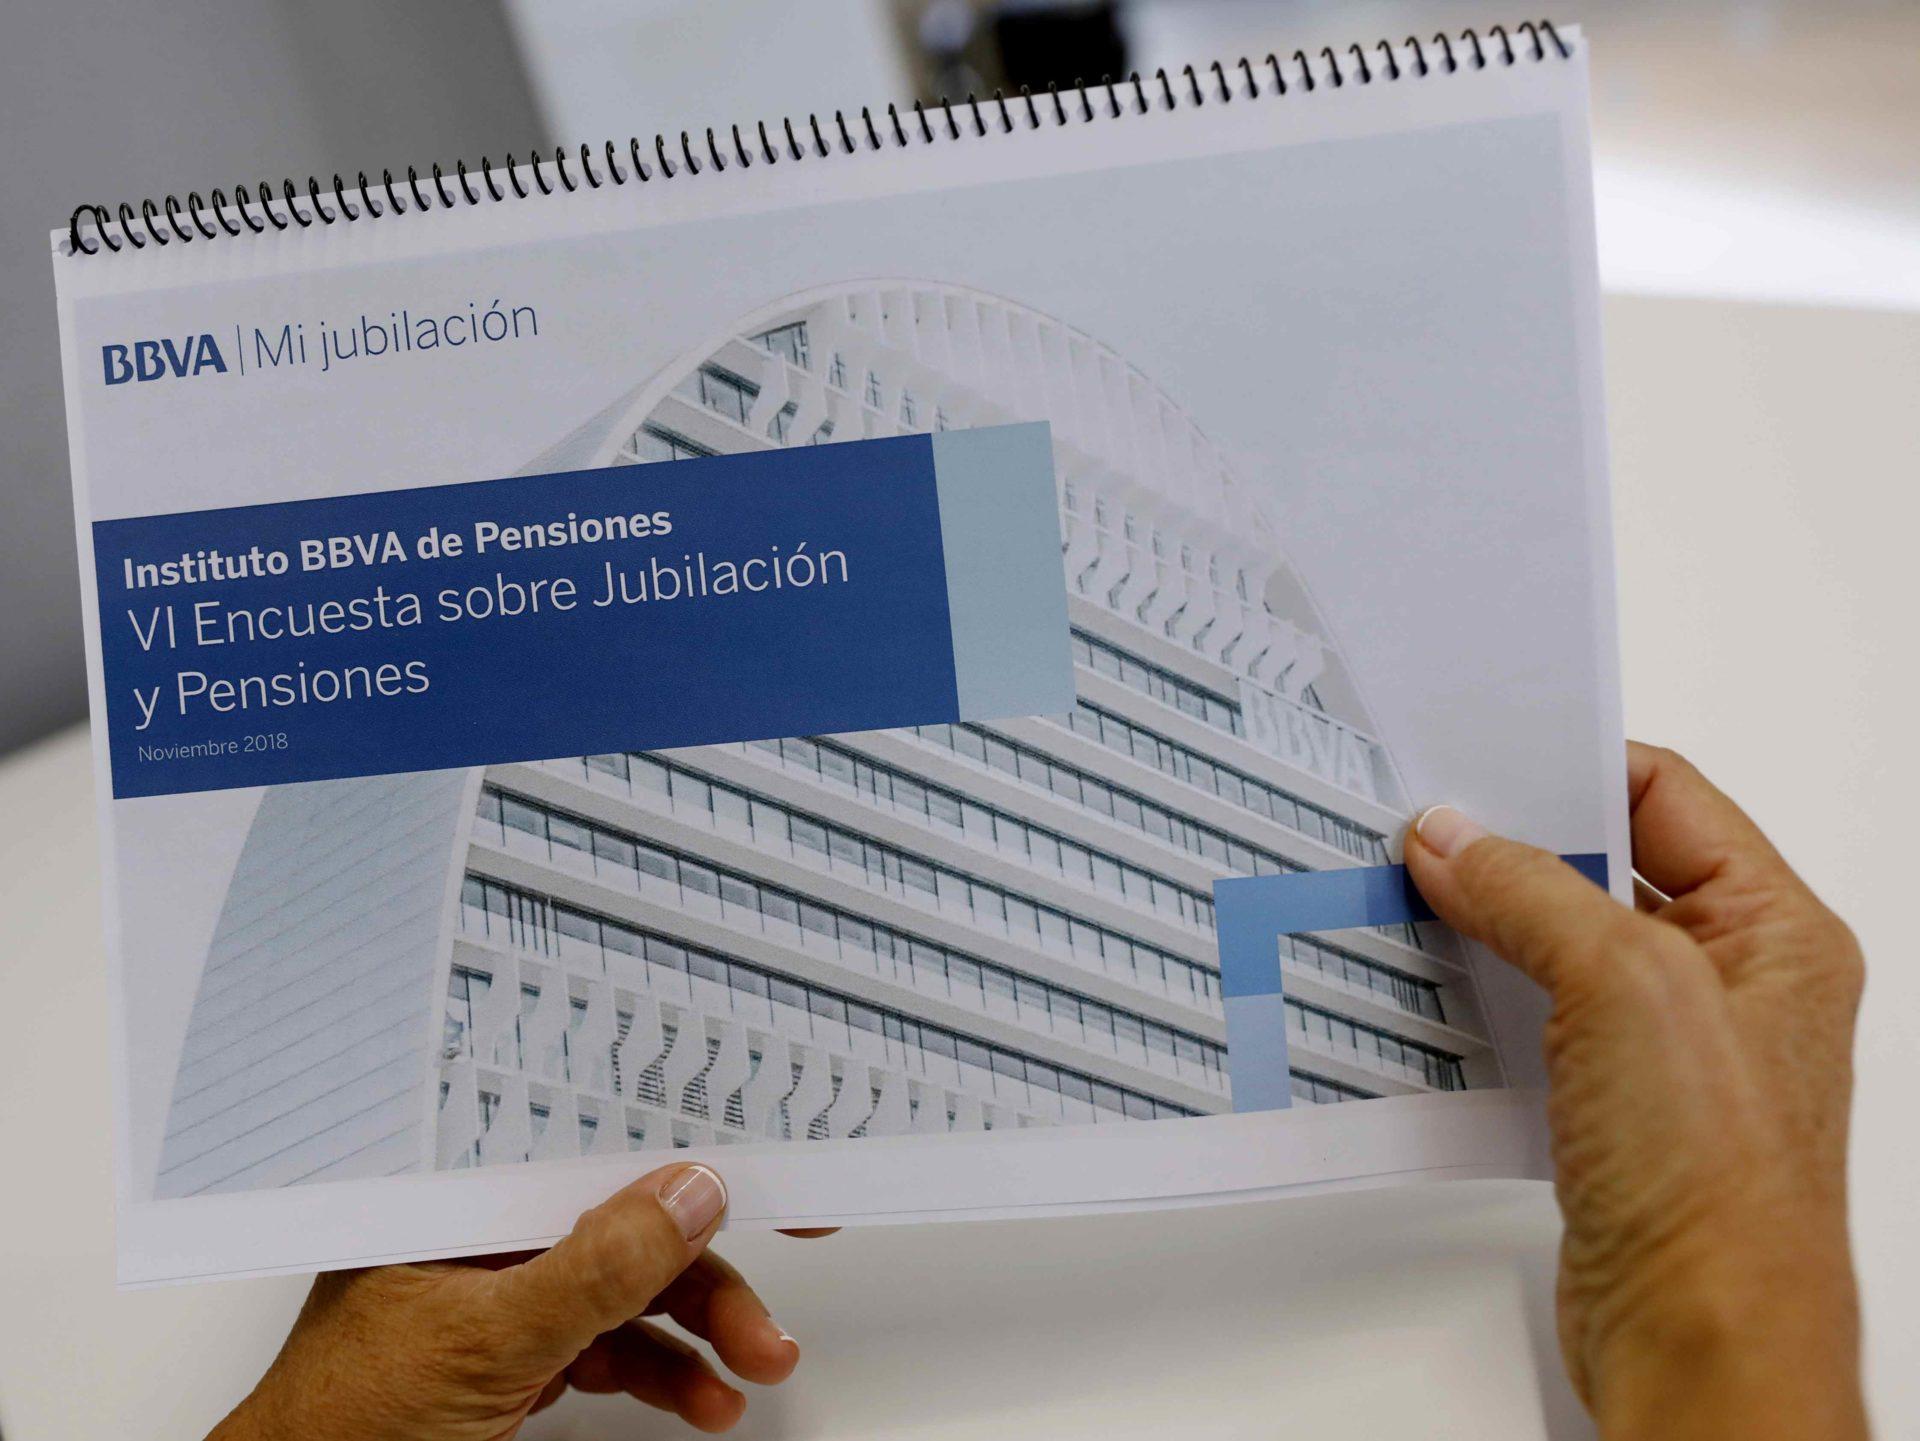 Imagen de Instituto BBVA d epensiones Encuesta 2018